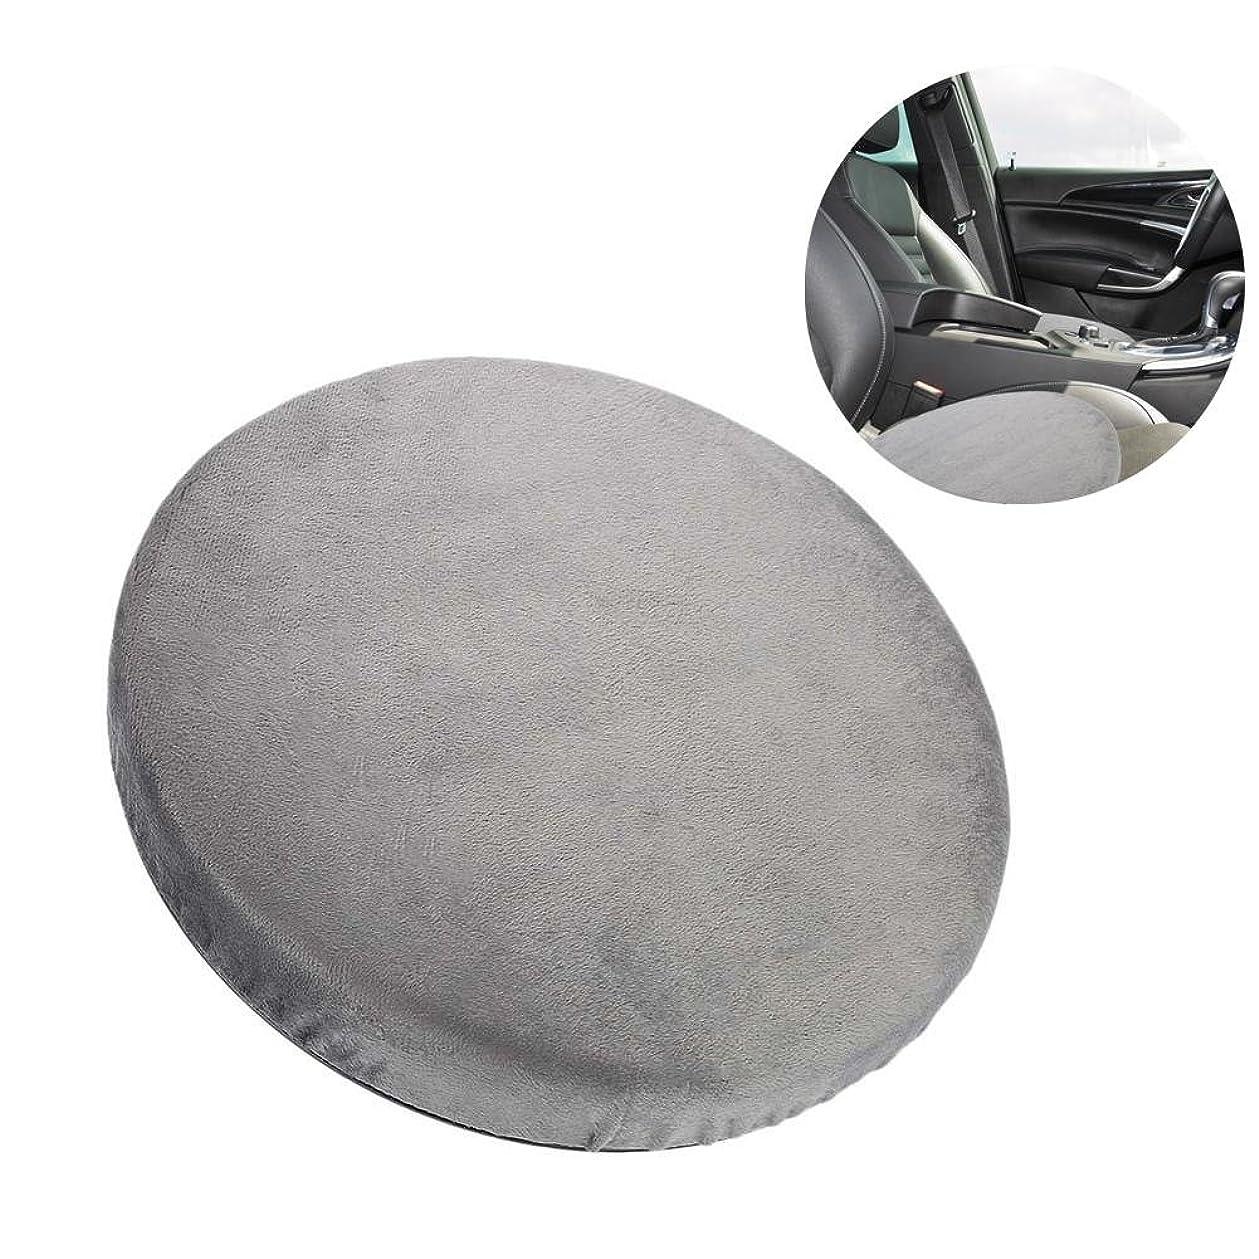 別のレンド焦がすの座席クッション、360°回転クッション車のオフィスおよび家の使用のための滑り止めの回転イスのパッドは腰痛および圧力を取り除く